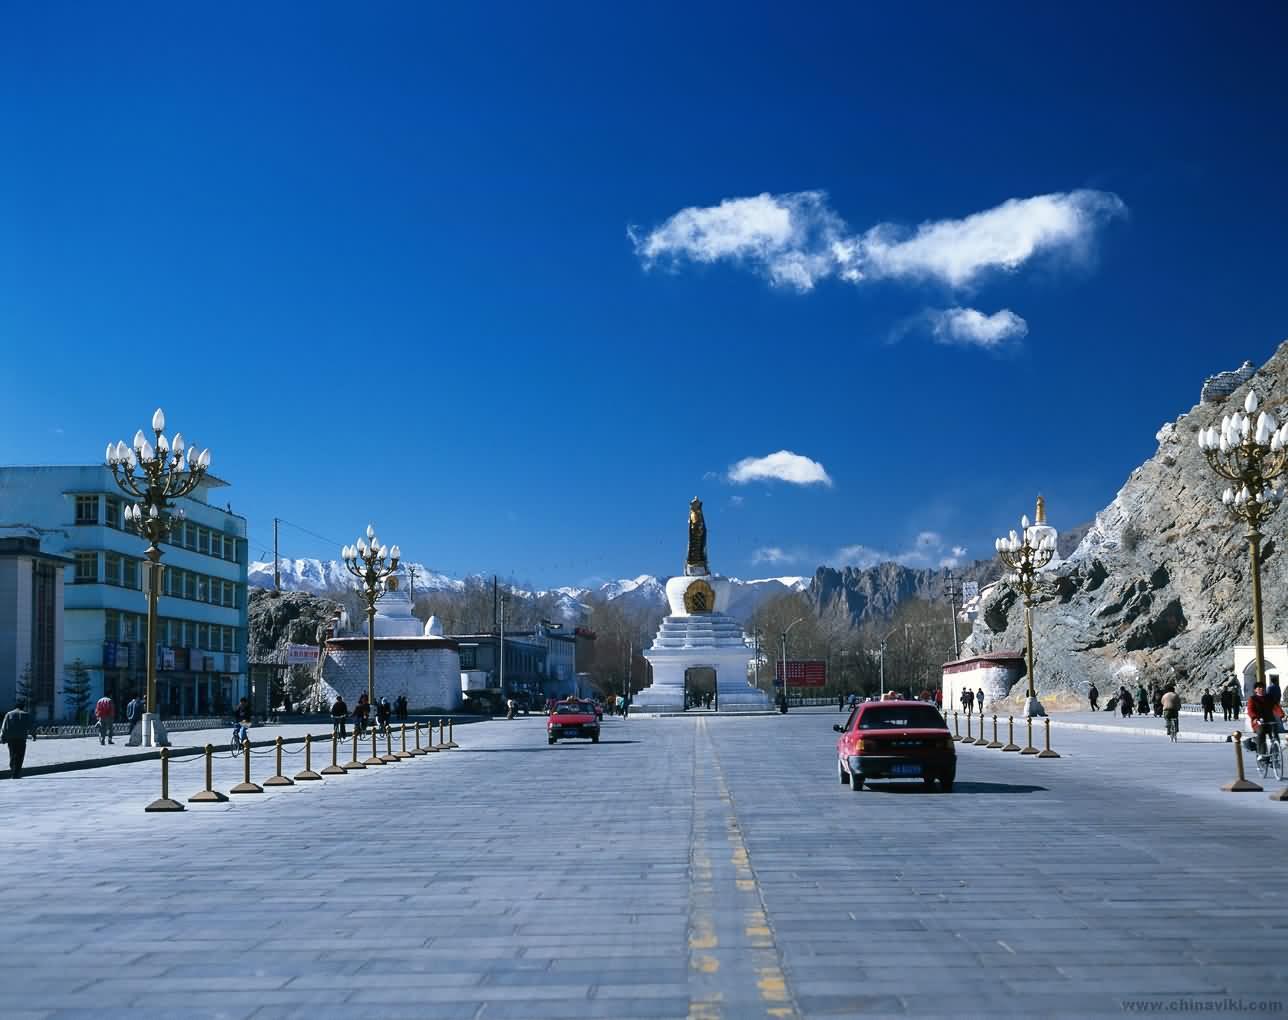 中国チベット自治区ラサ